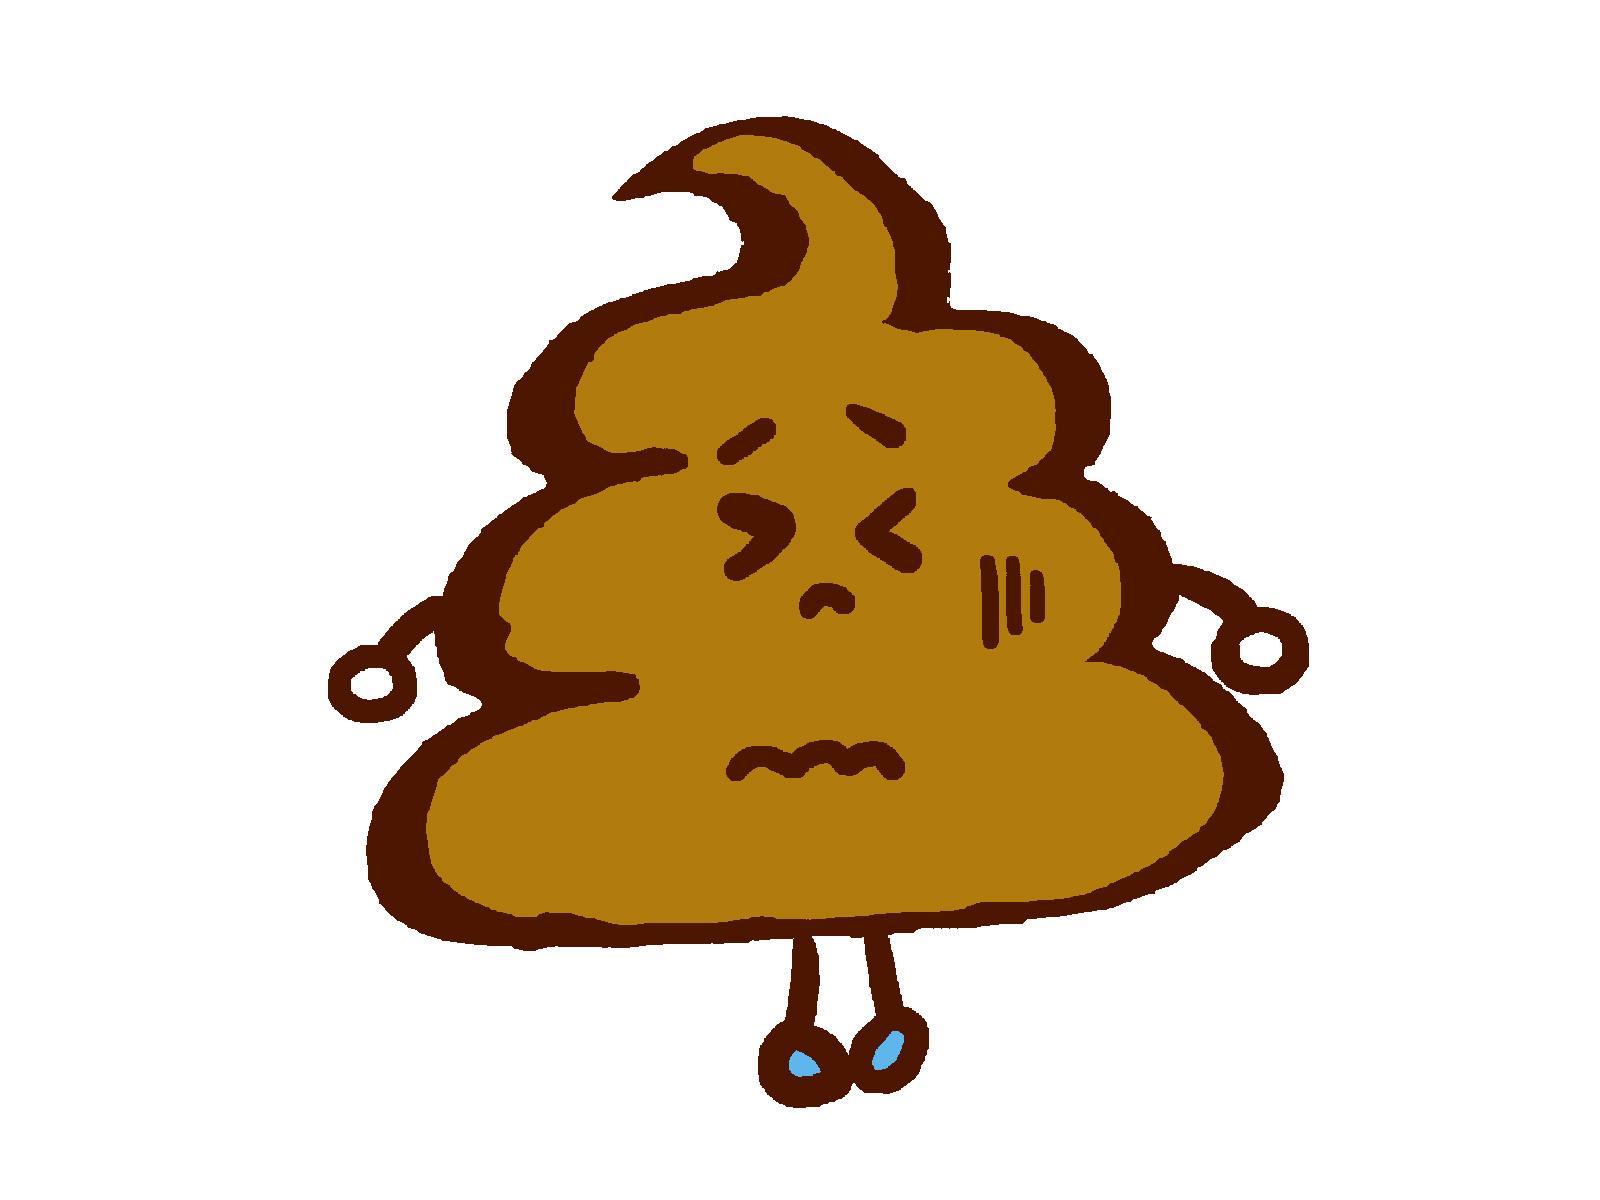 鳥の糞のおかげで宝くじで1億円当選